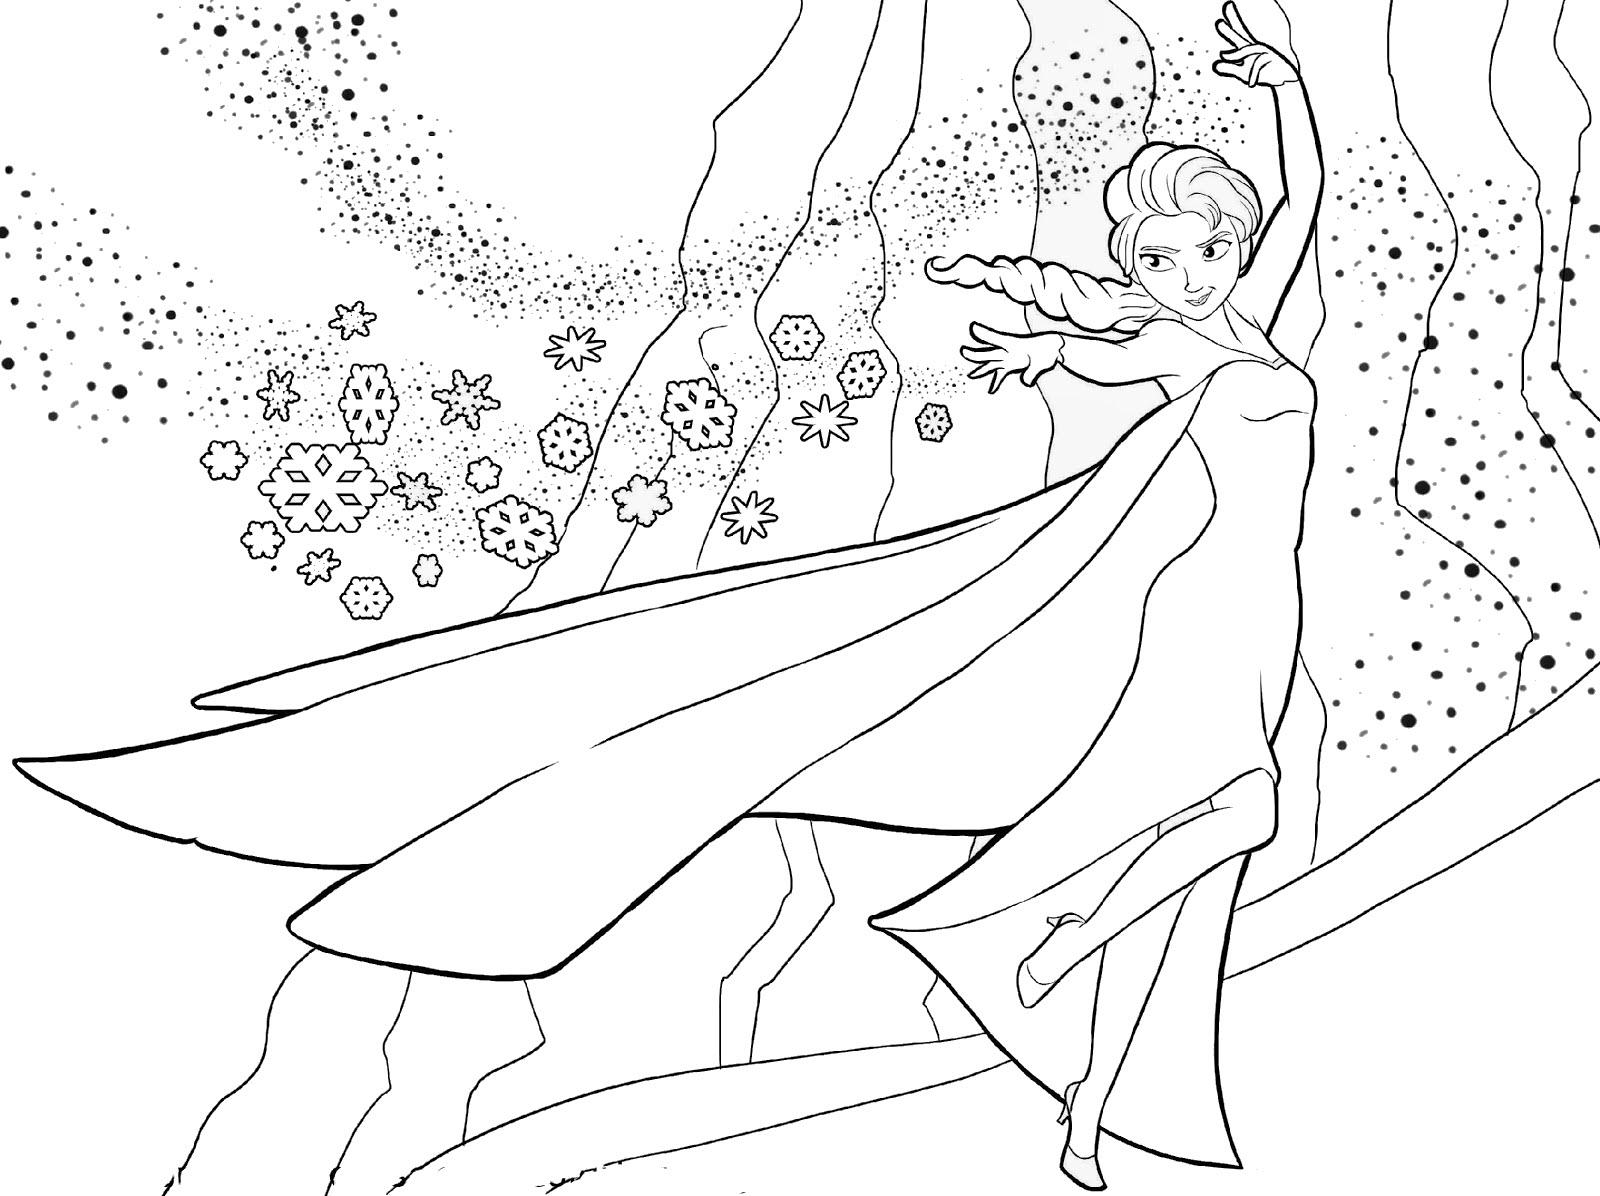 Tranh tô màu công chúa Elsa đang tạo tuyết